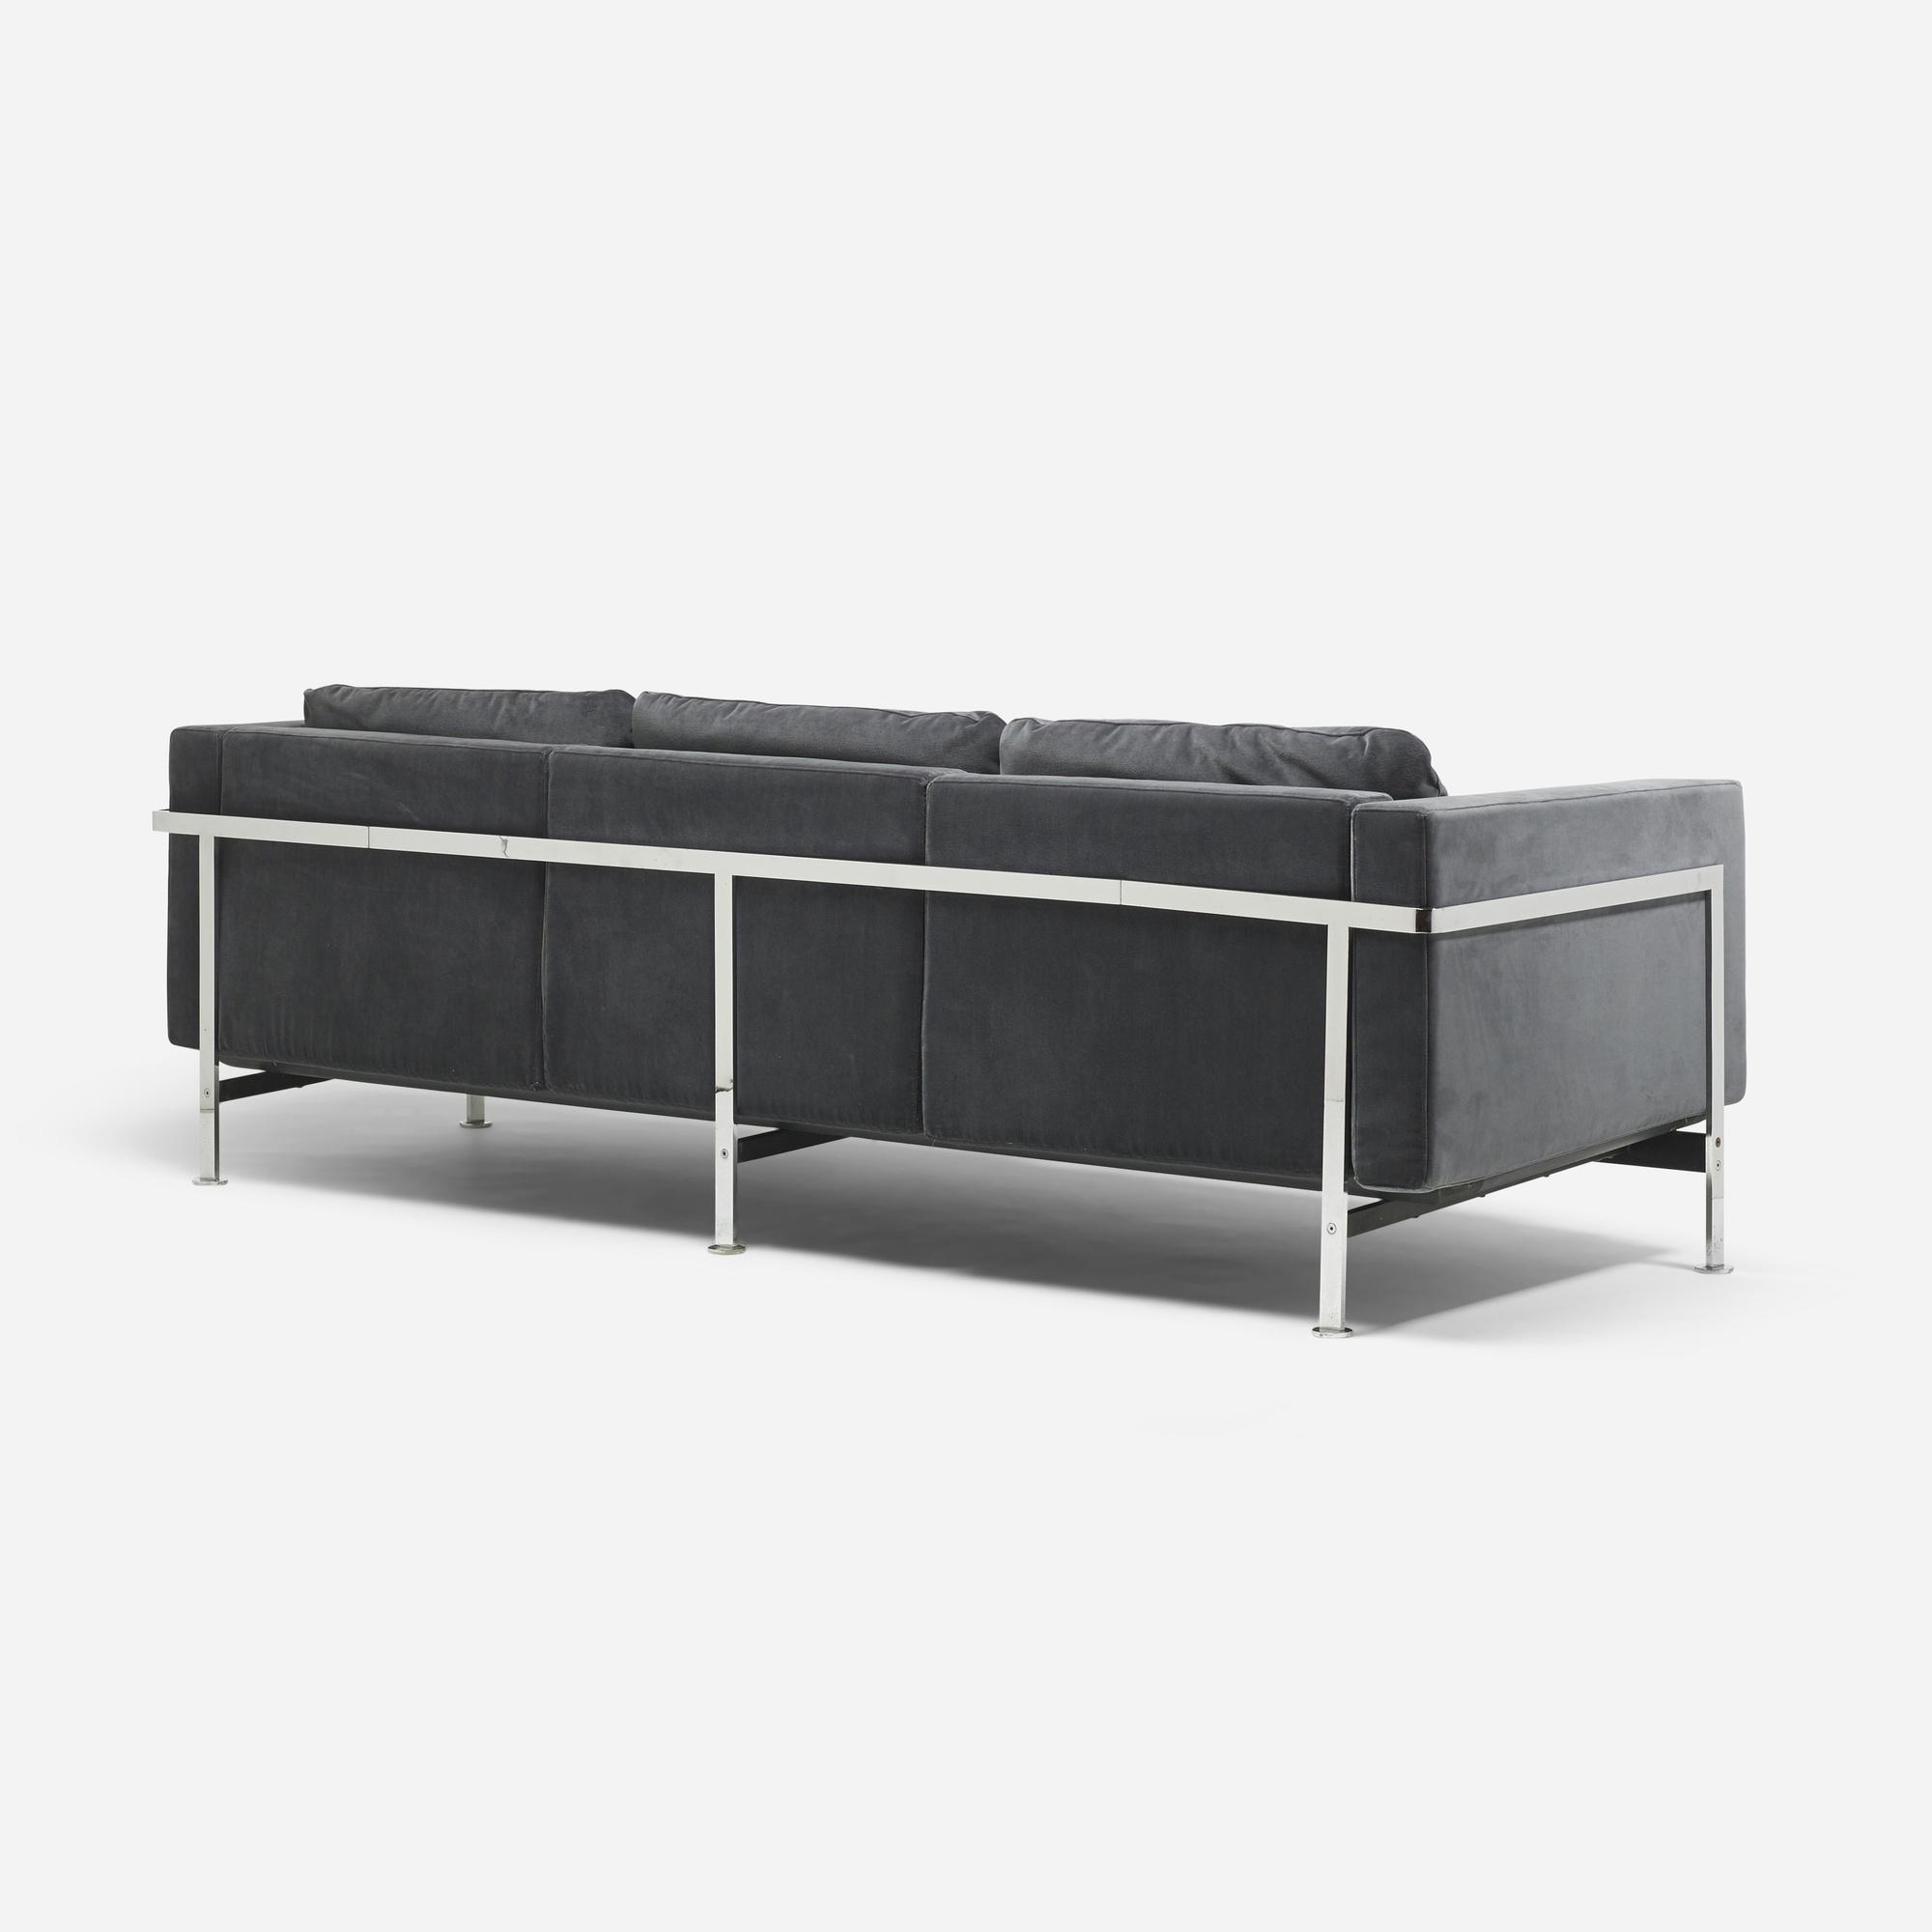 249: Robert Haussmann / sofa (1 of 3)